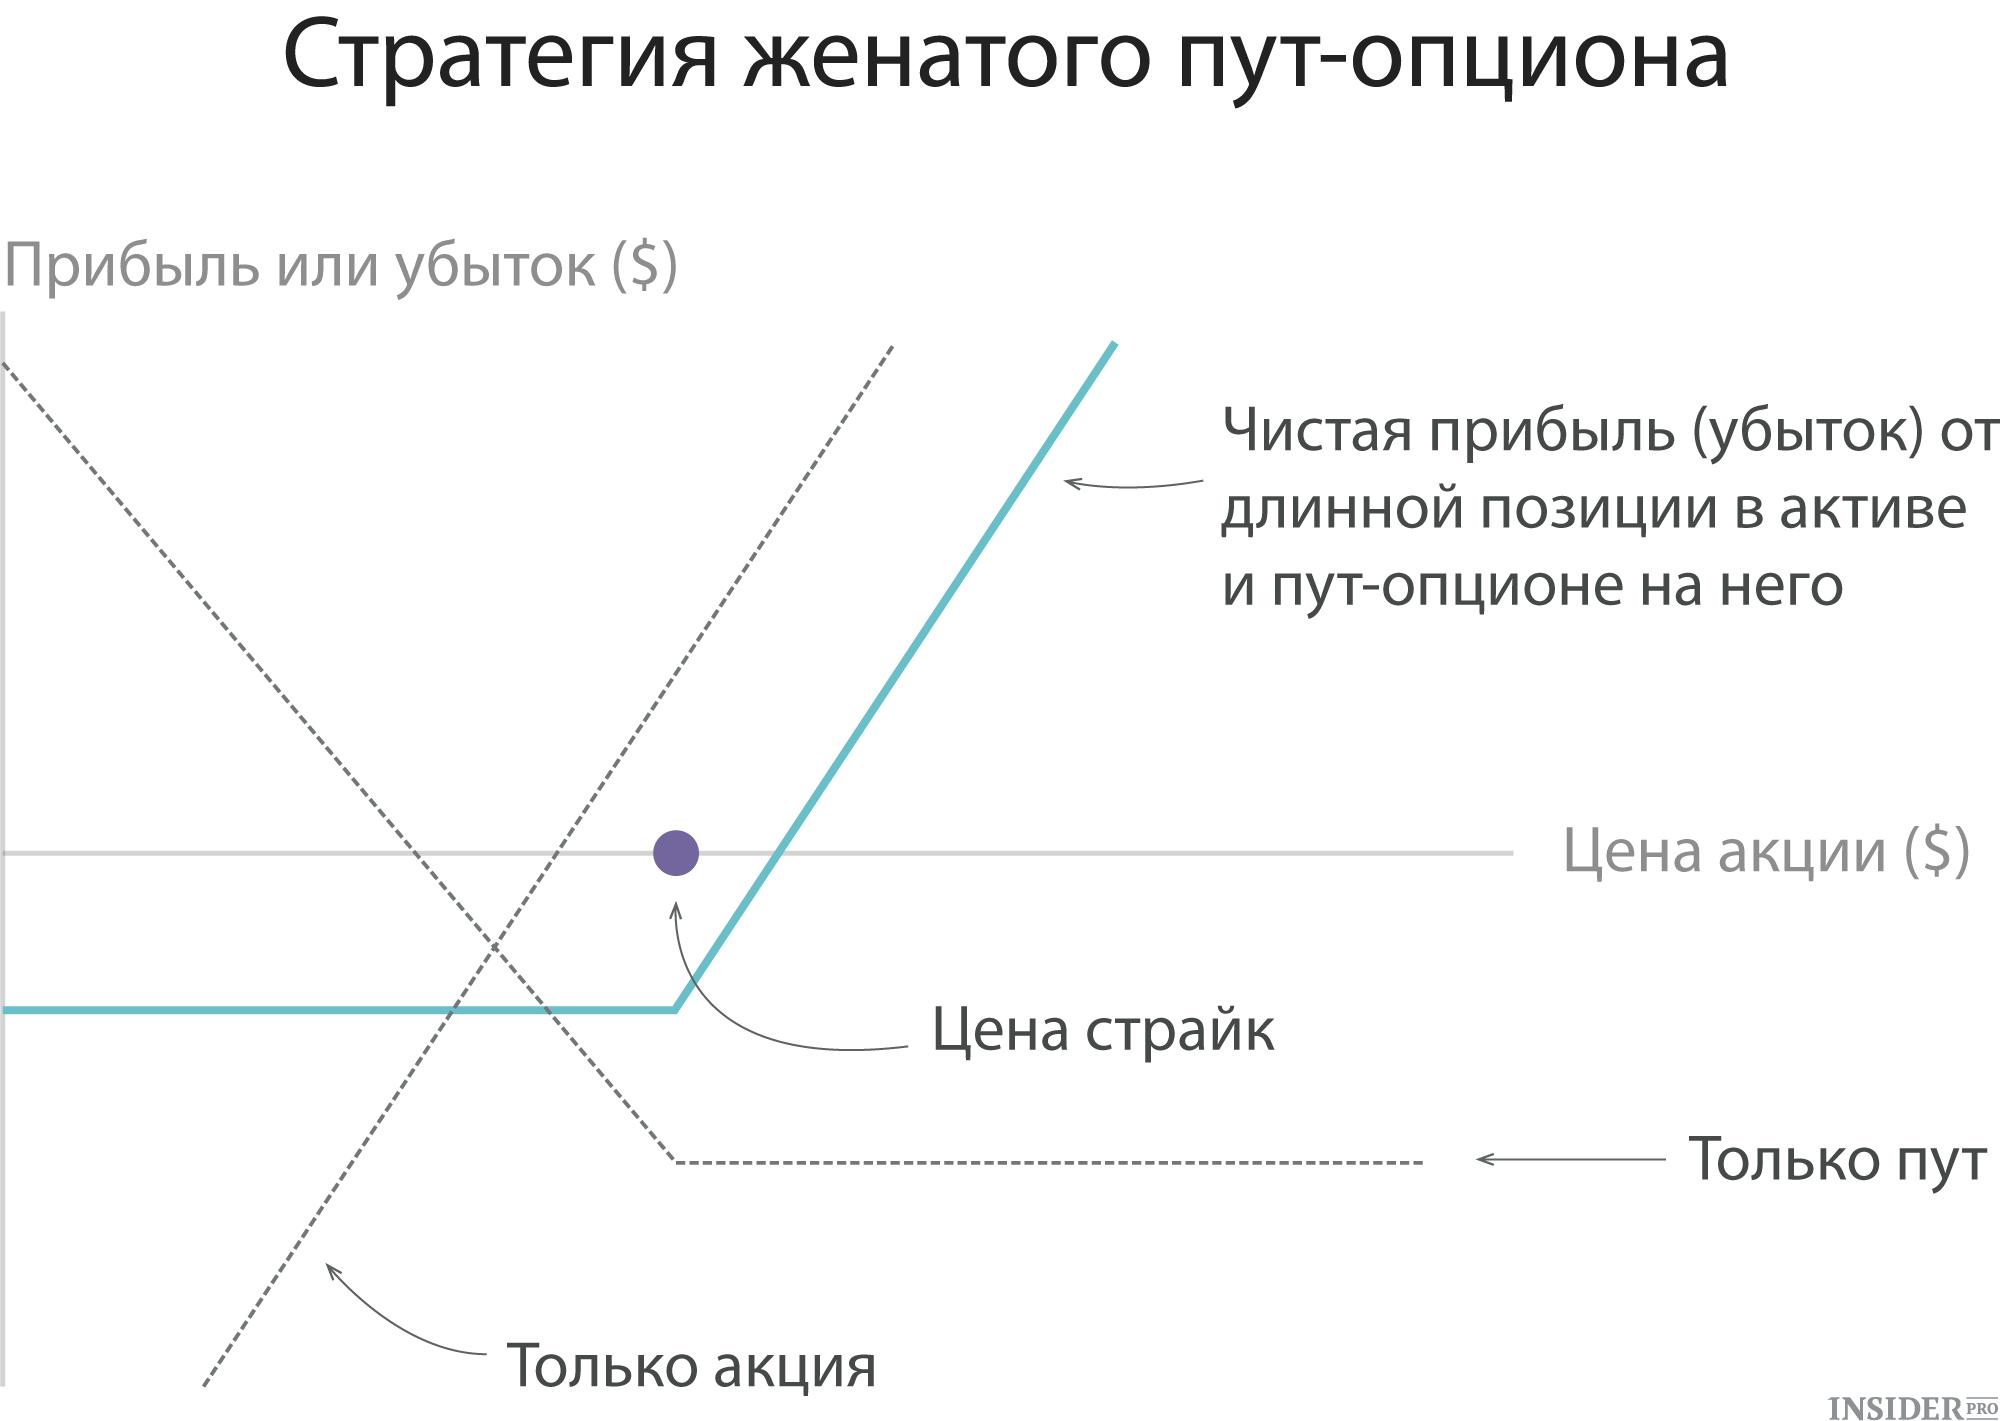 svečtura bināro opciju indikators tendences tirdzniecības ienākšanas signāli